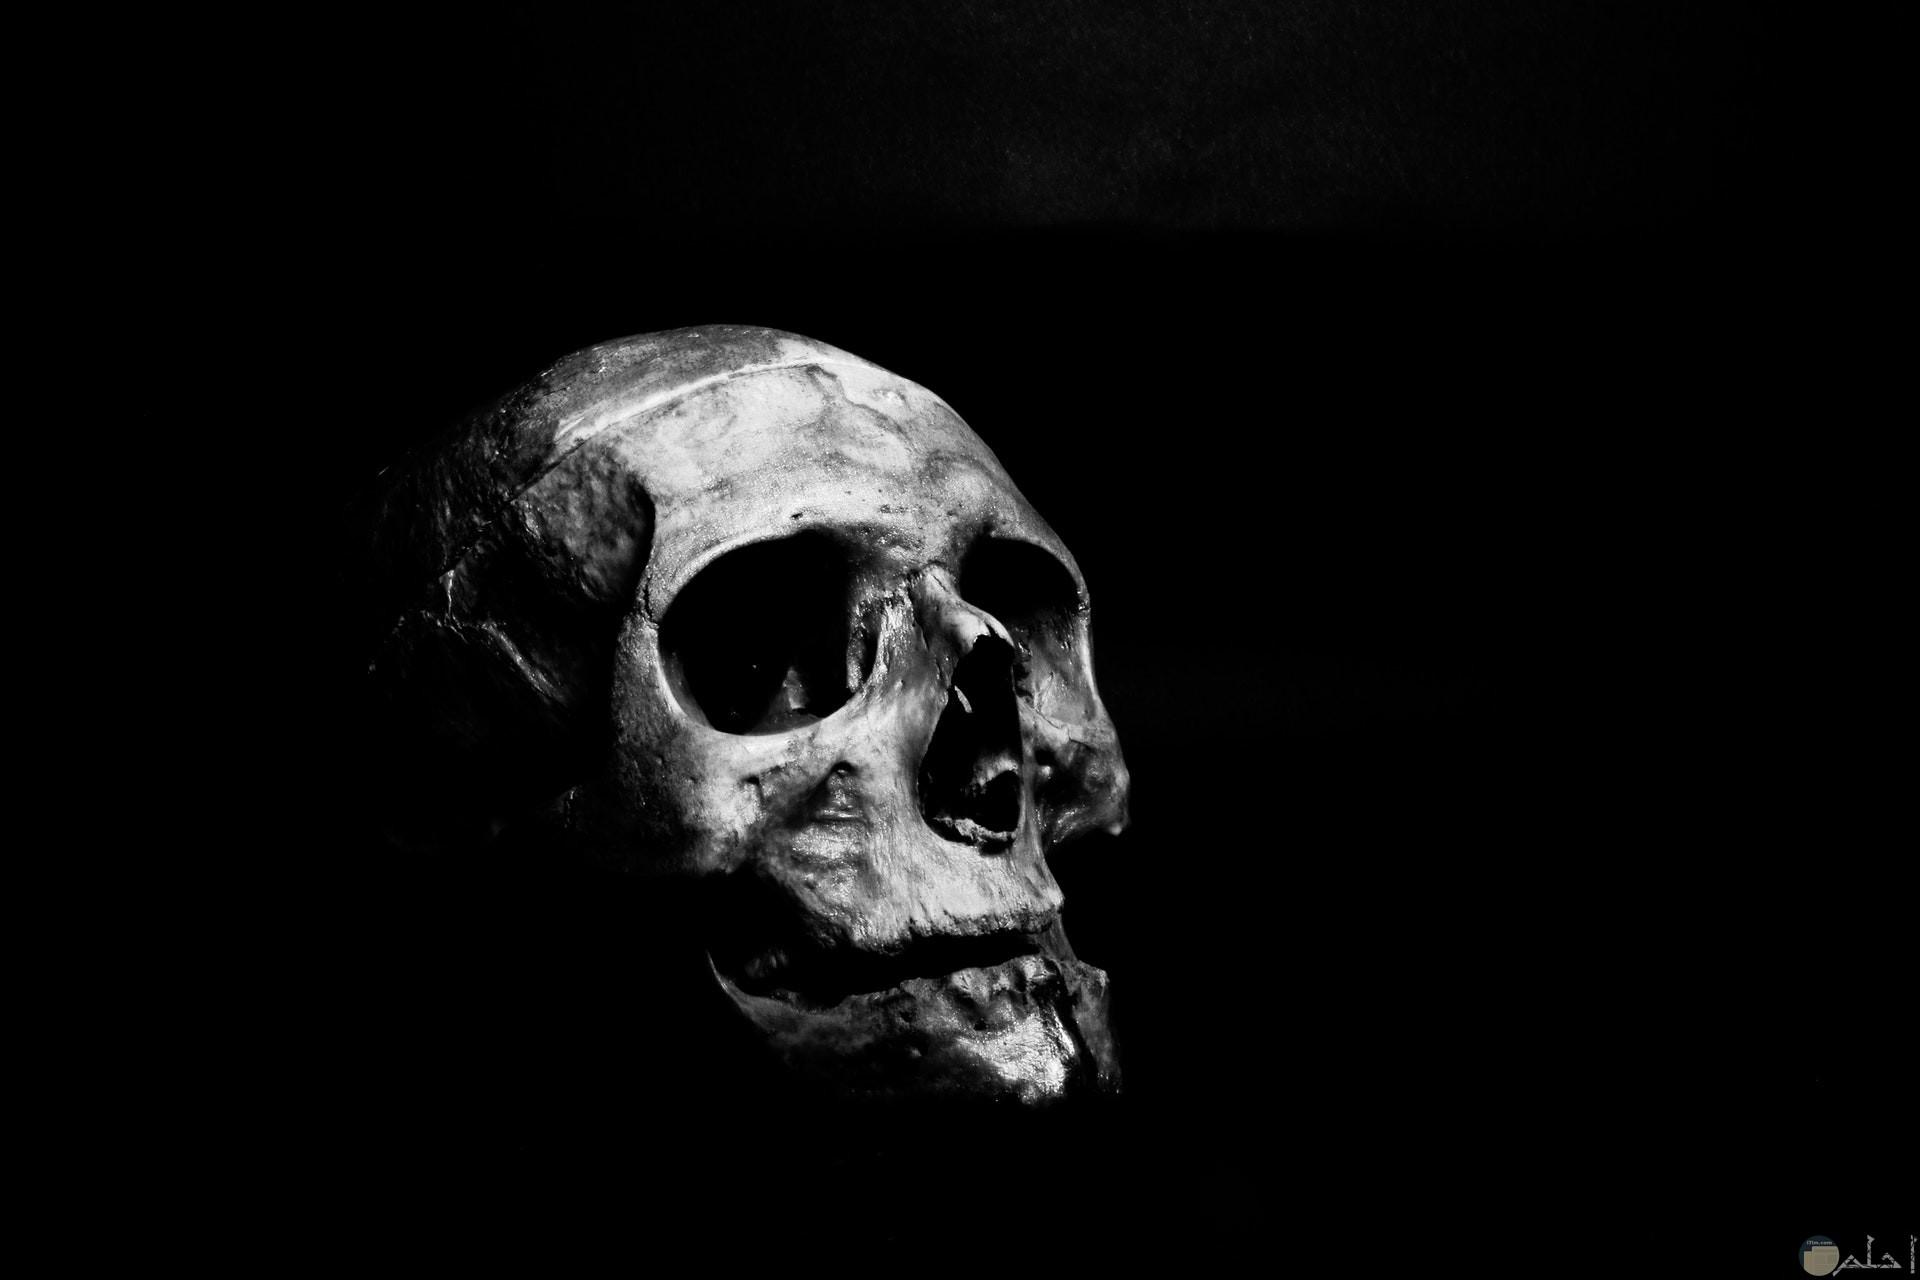 صورة مخيفة ومرعبة لعظام جمجمة إنسان ميت مع خلفية سوداء